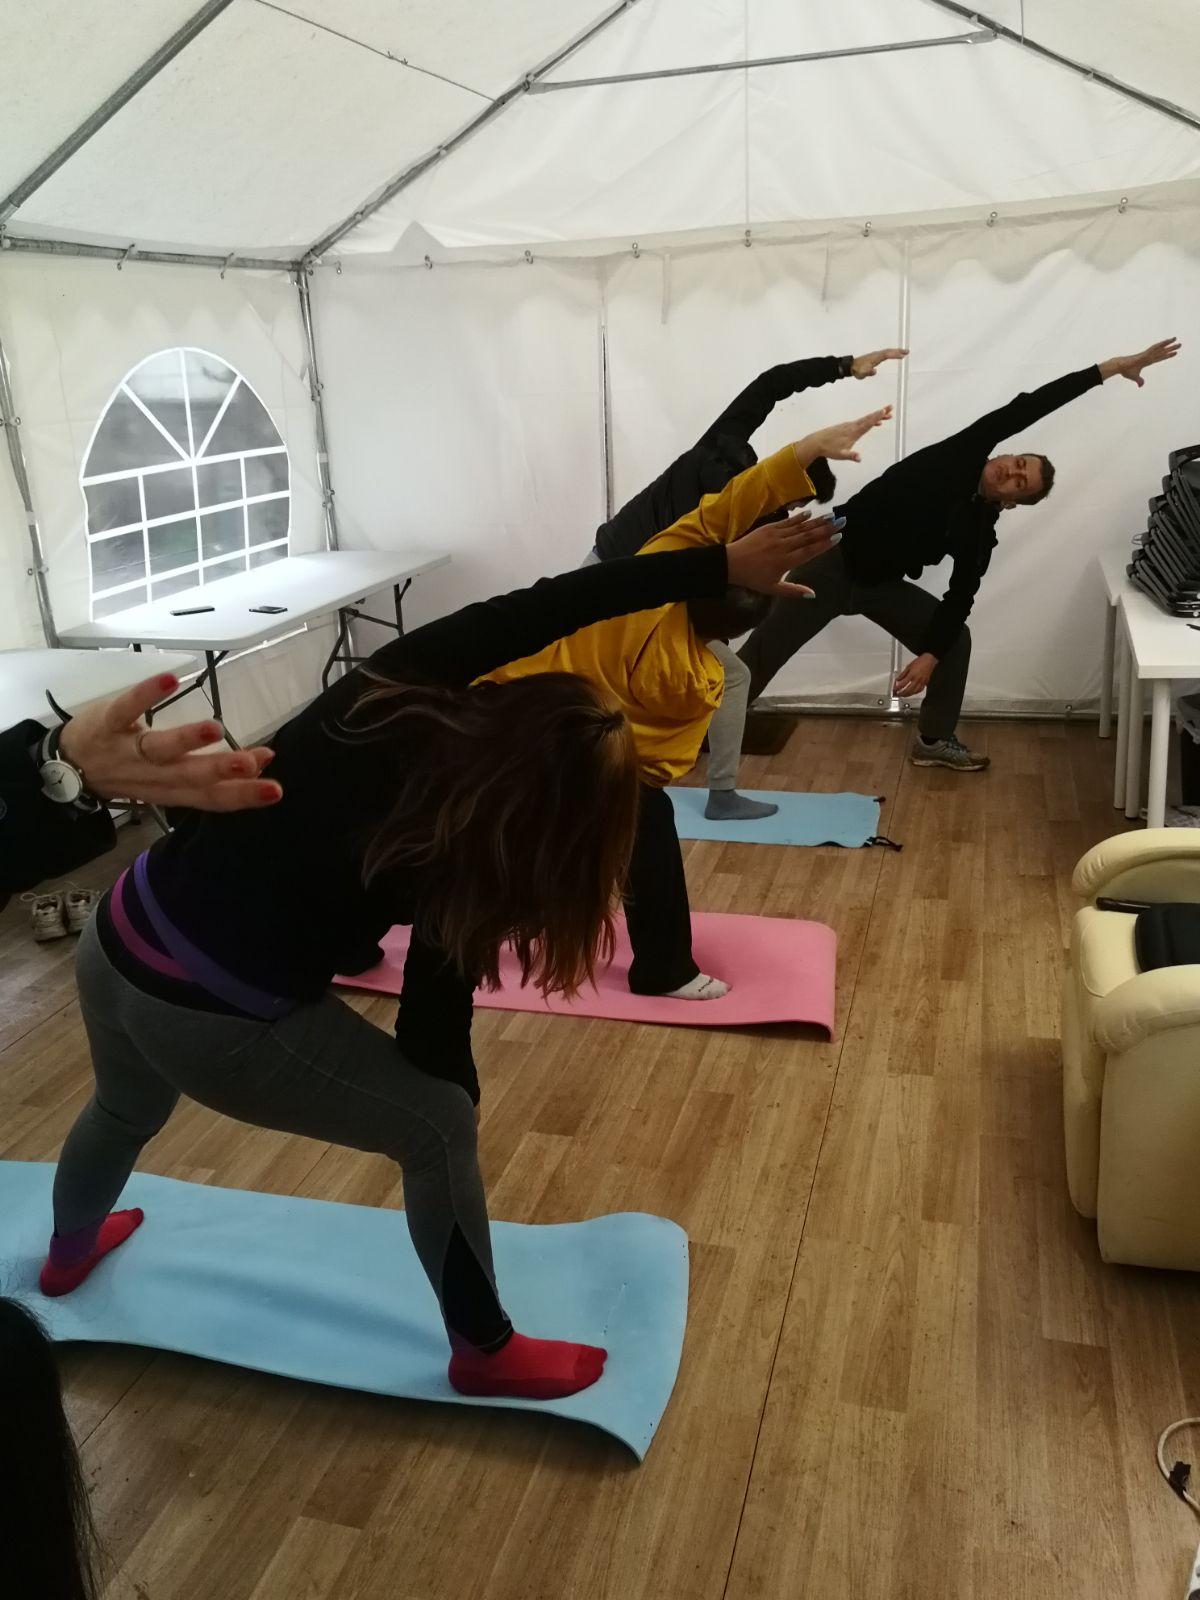 IMMAGINE Quando devi fare yoga ma fuori piove e fa freddo. NESSUN PROBLEMA, In Prolution, per ogni PROBLEM c'è una SOLUTION.